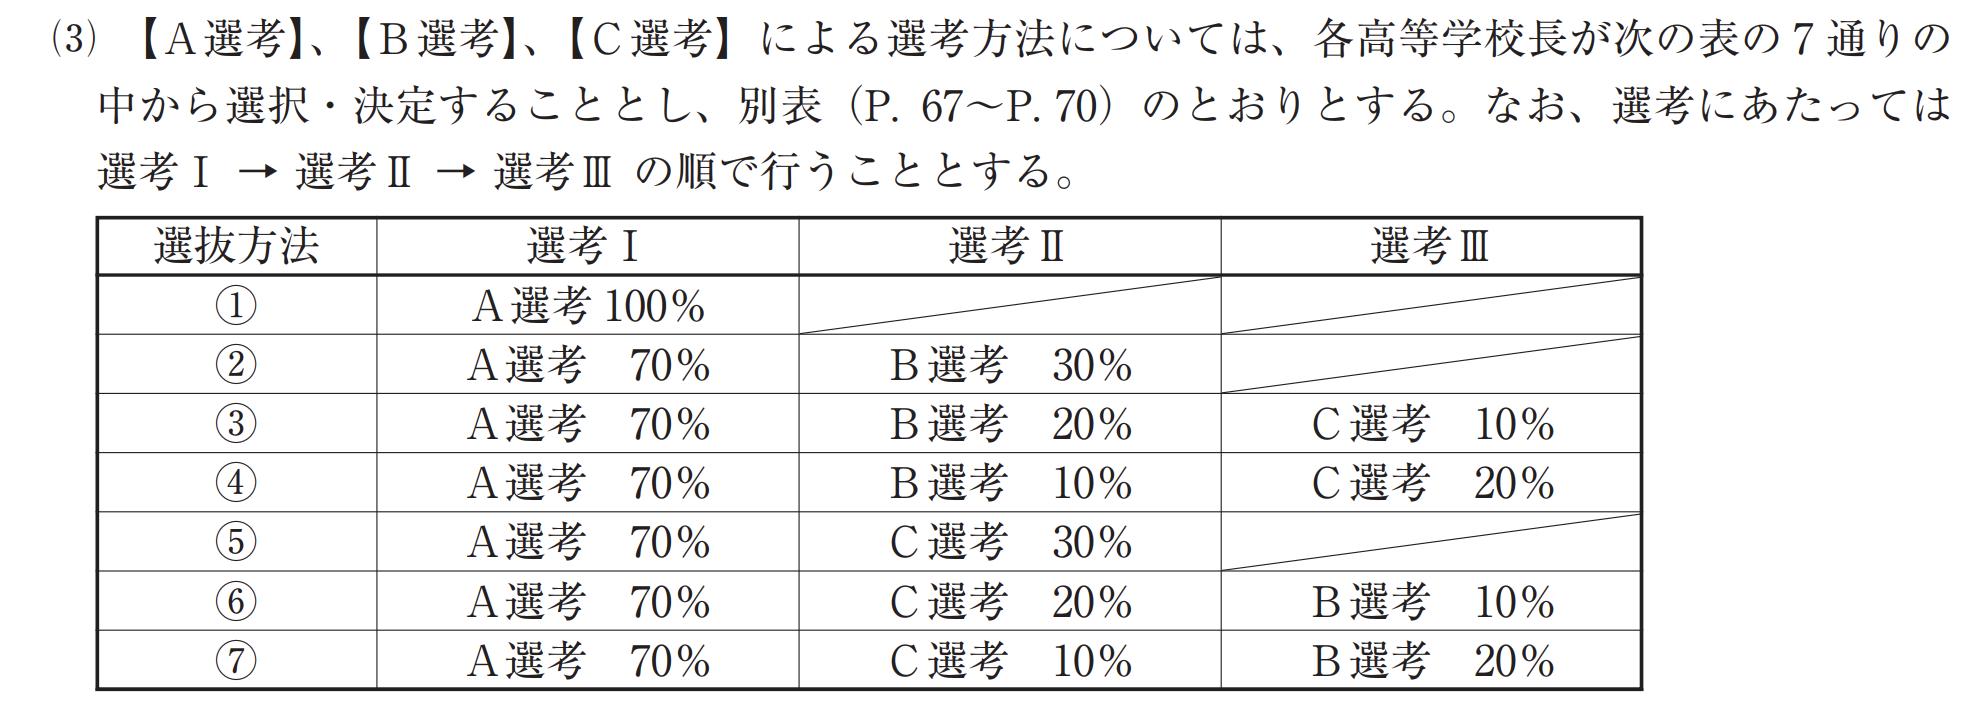 岩手県公立高校入試制度4